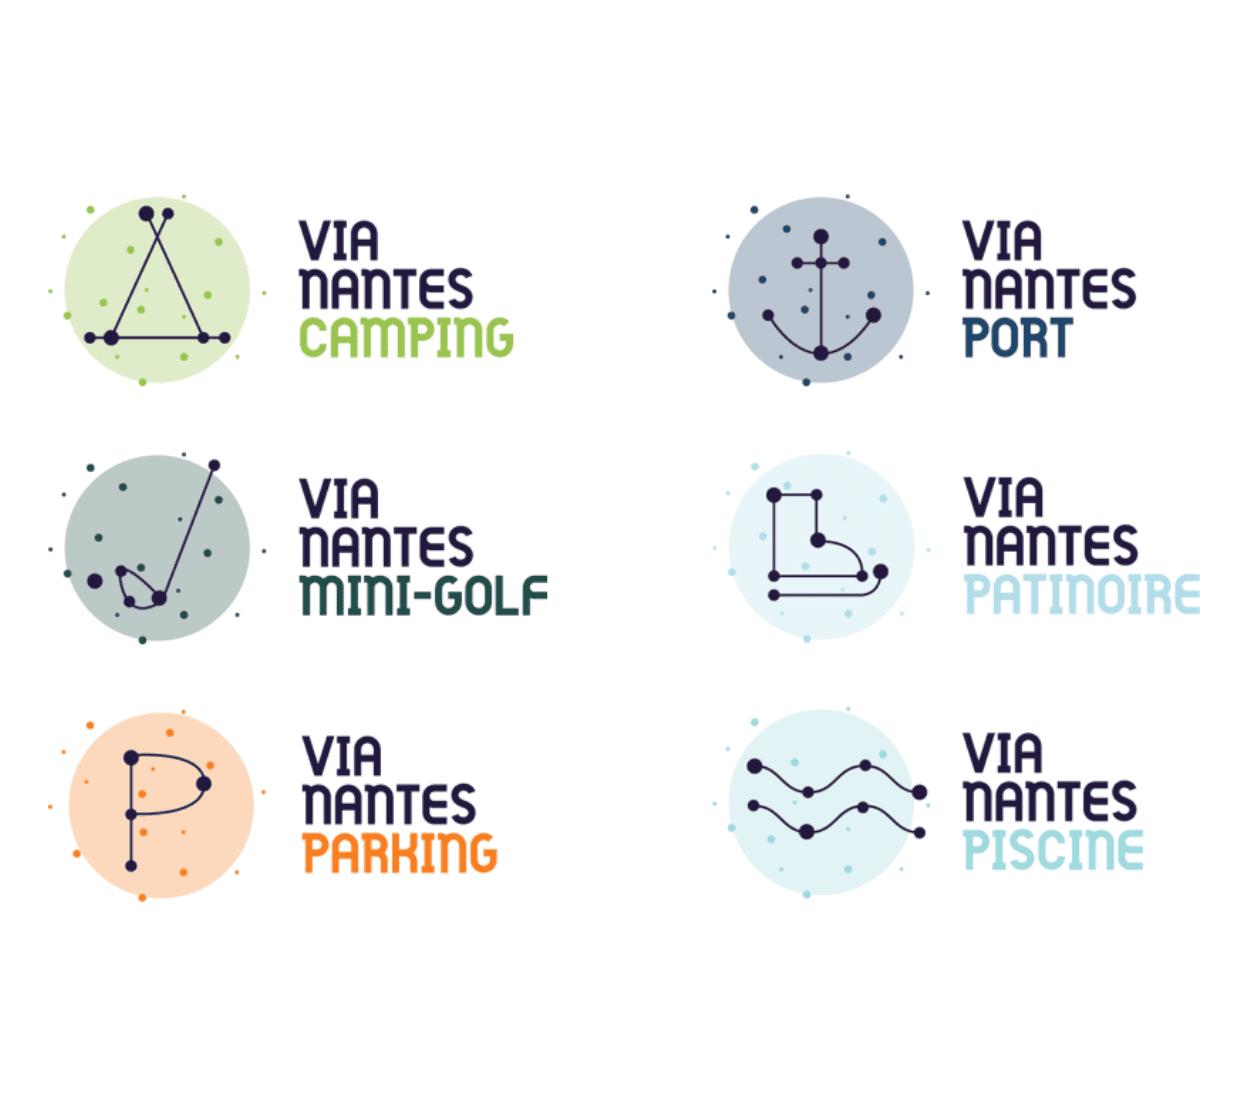 Via Nantes 5 - Arnaud Le Roux - Directeur Artistique Digital & Développeur Front-End